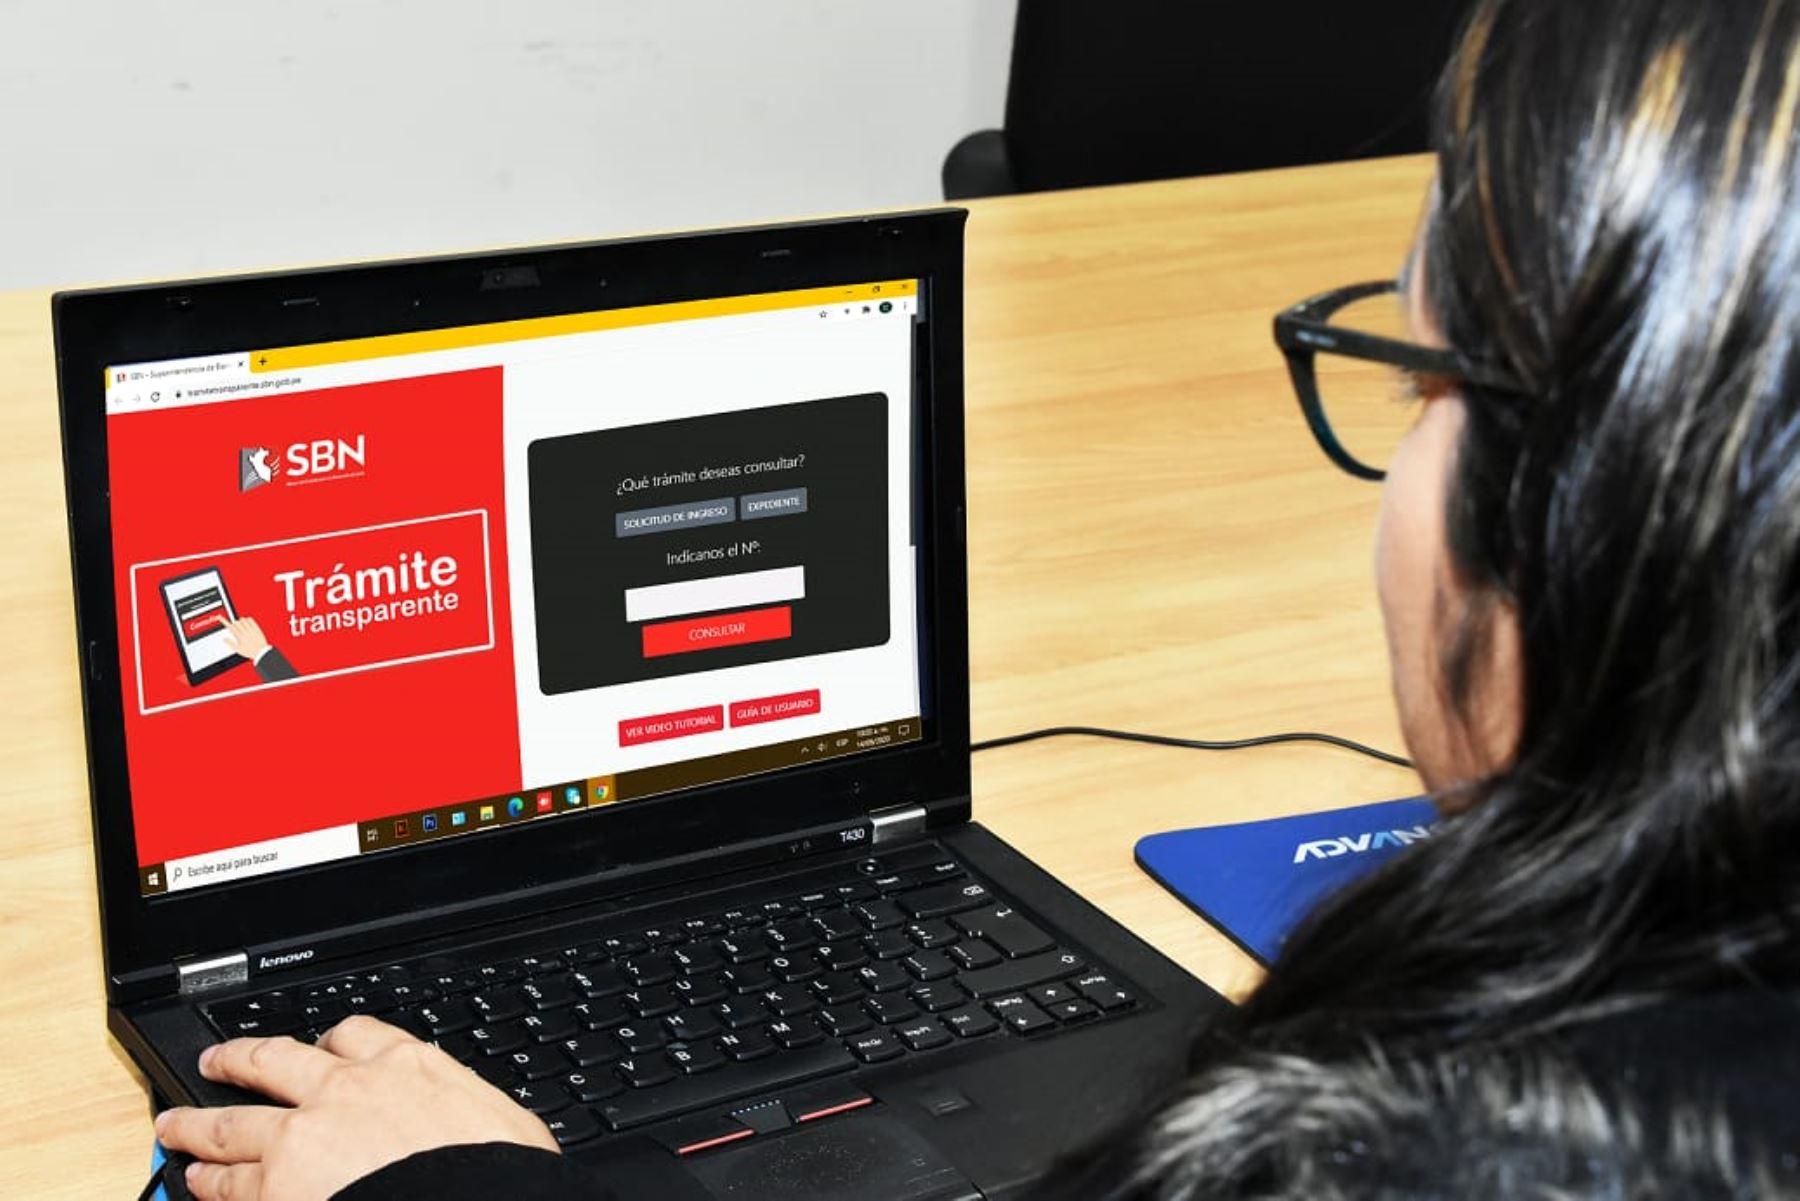 sbn-lanza-plataforma-web-para-registrar-directamente-predios-del-estado